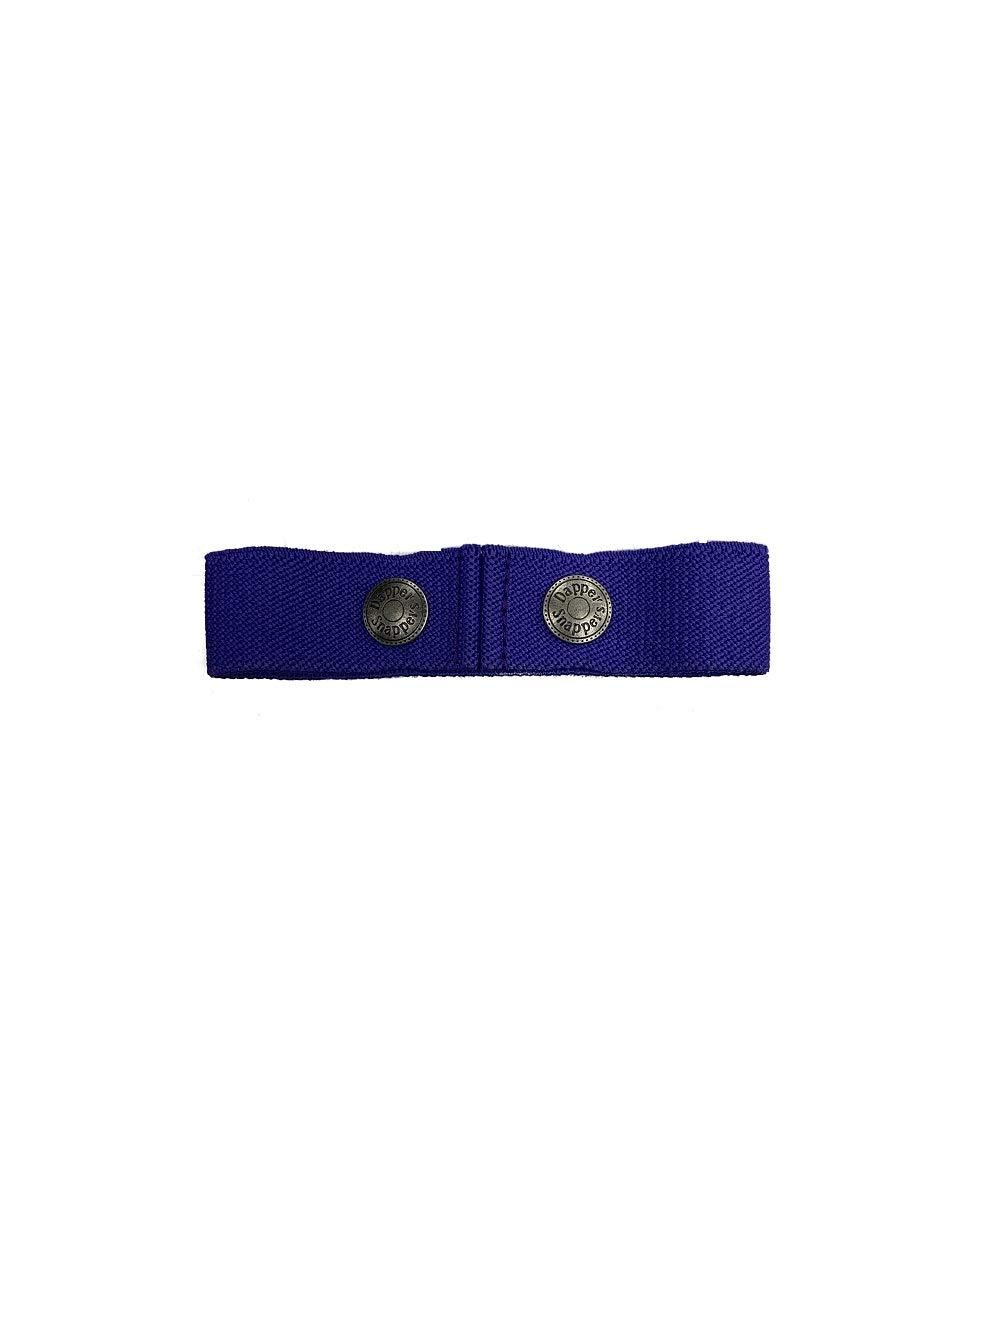 Dapper Snapper Baby & Toddler Adjustable Belt (Purple)